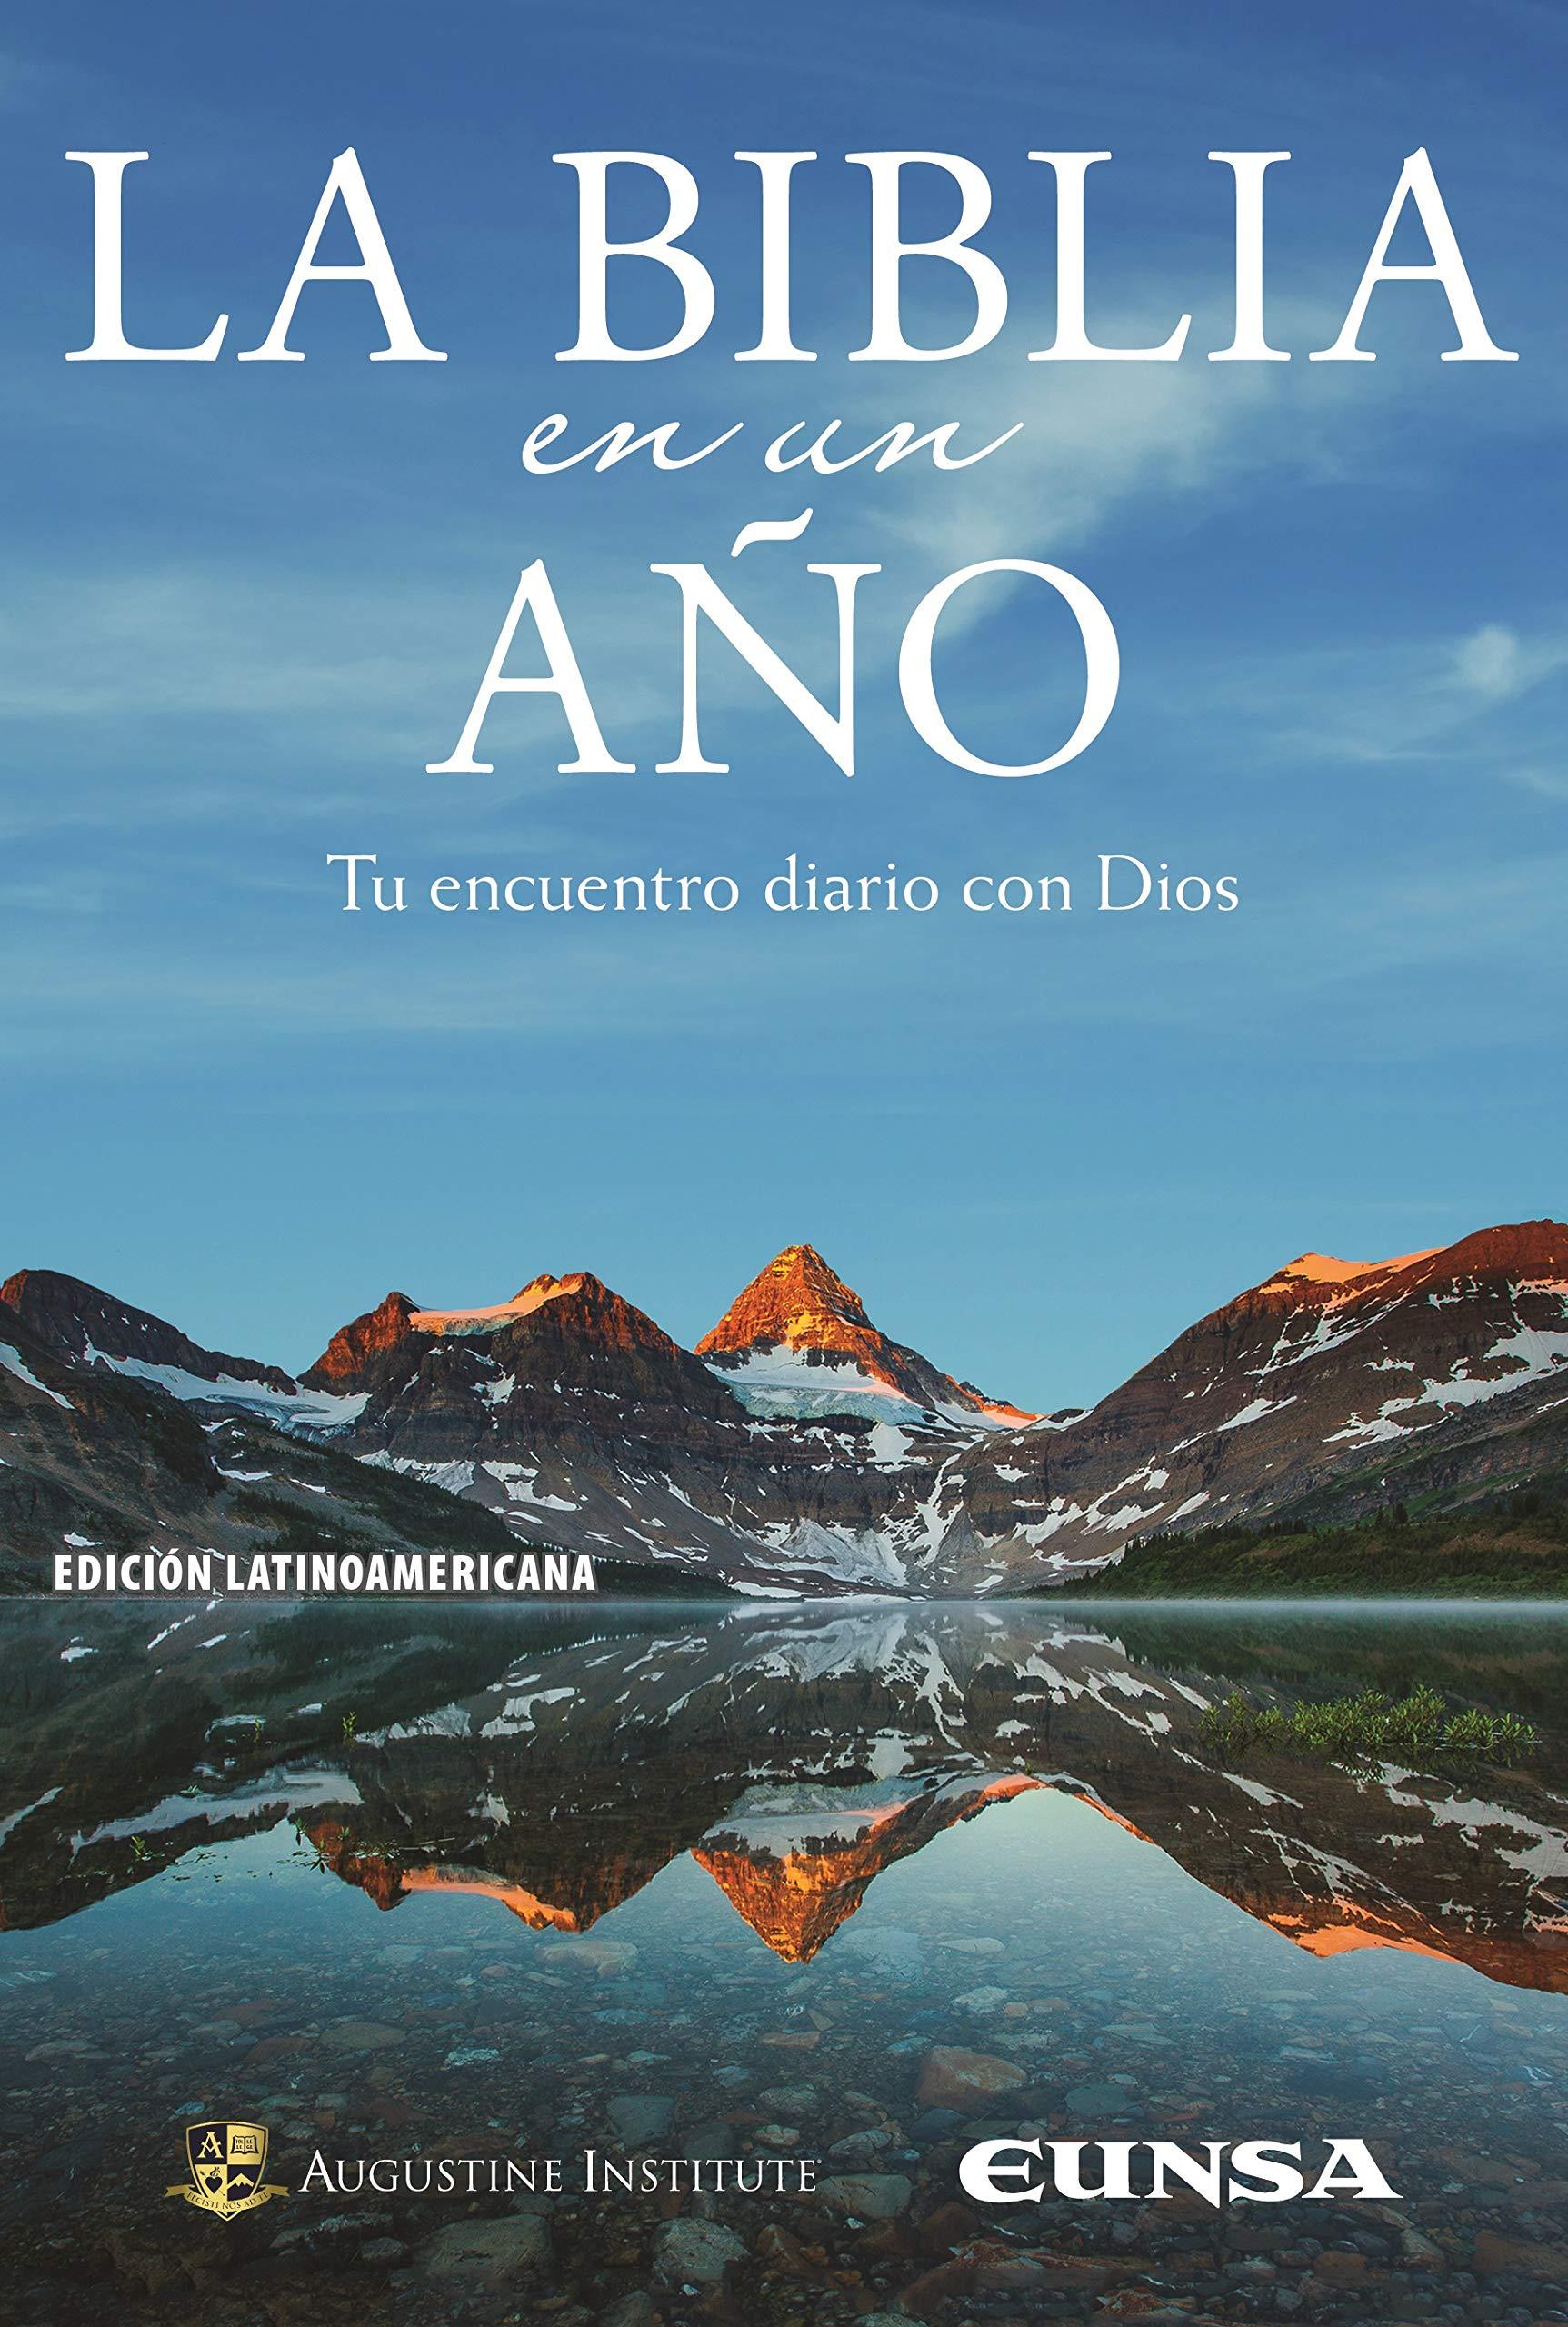 LA BIBLIA EN UN AÑO: Tu encuentro diario con Dios Sagrada Biblia ...